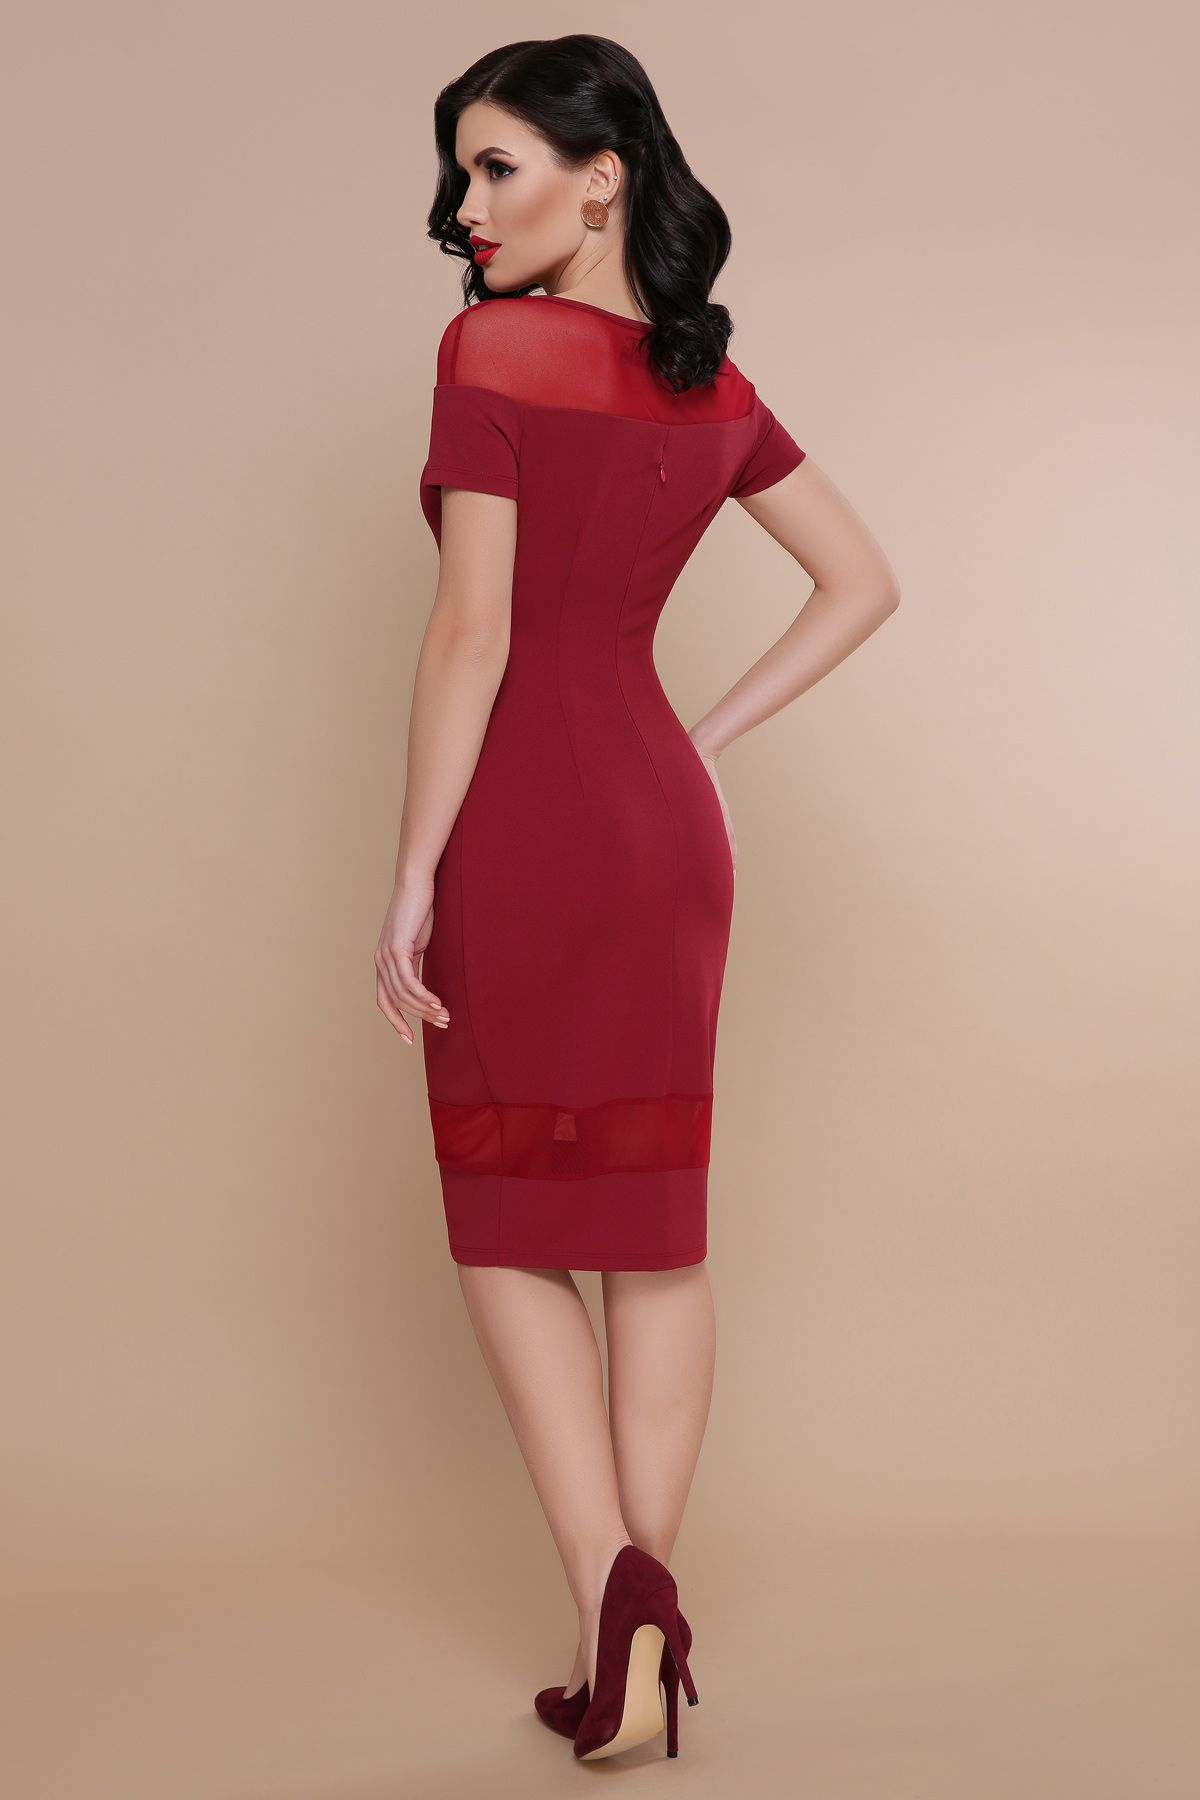 ea5f2c65680 Персиковое платье на вечер Владана 2 к р - купить в Украине